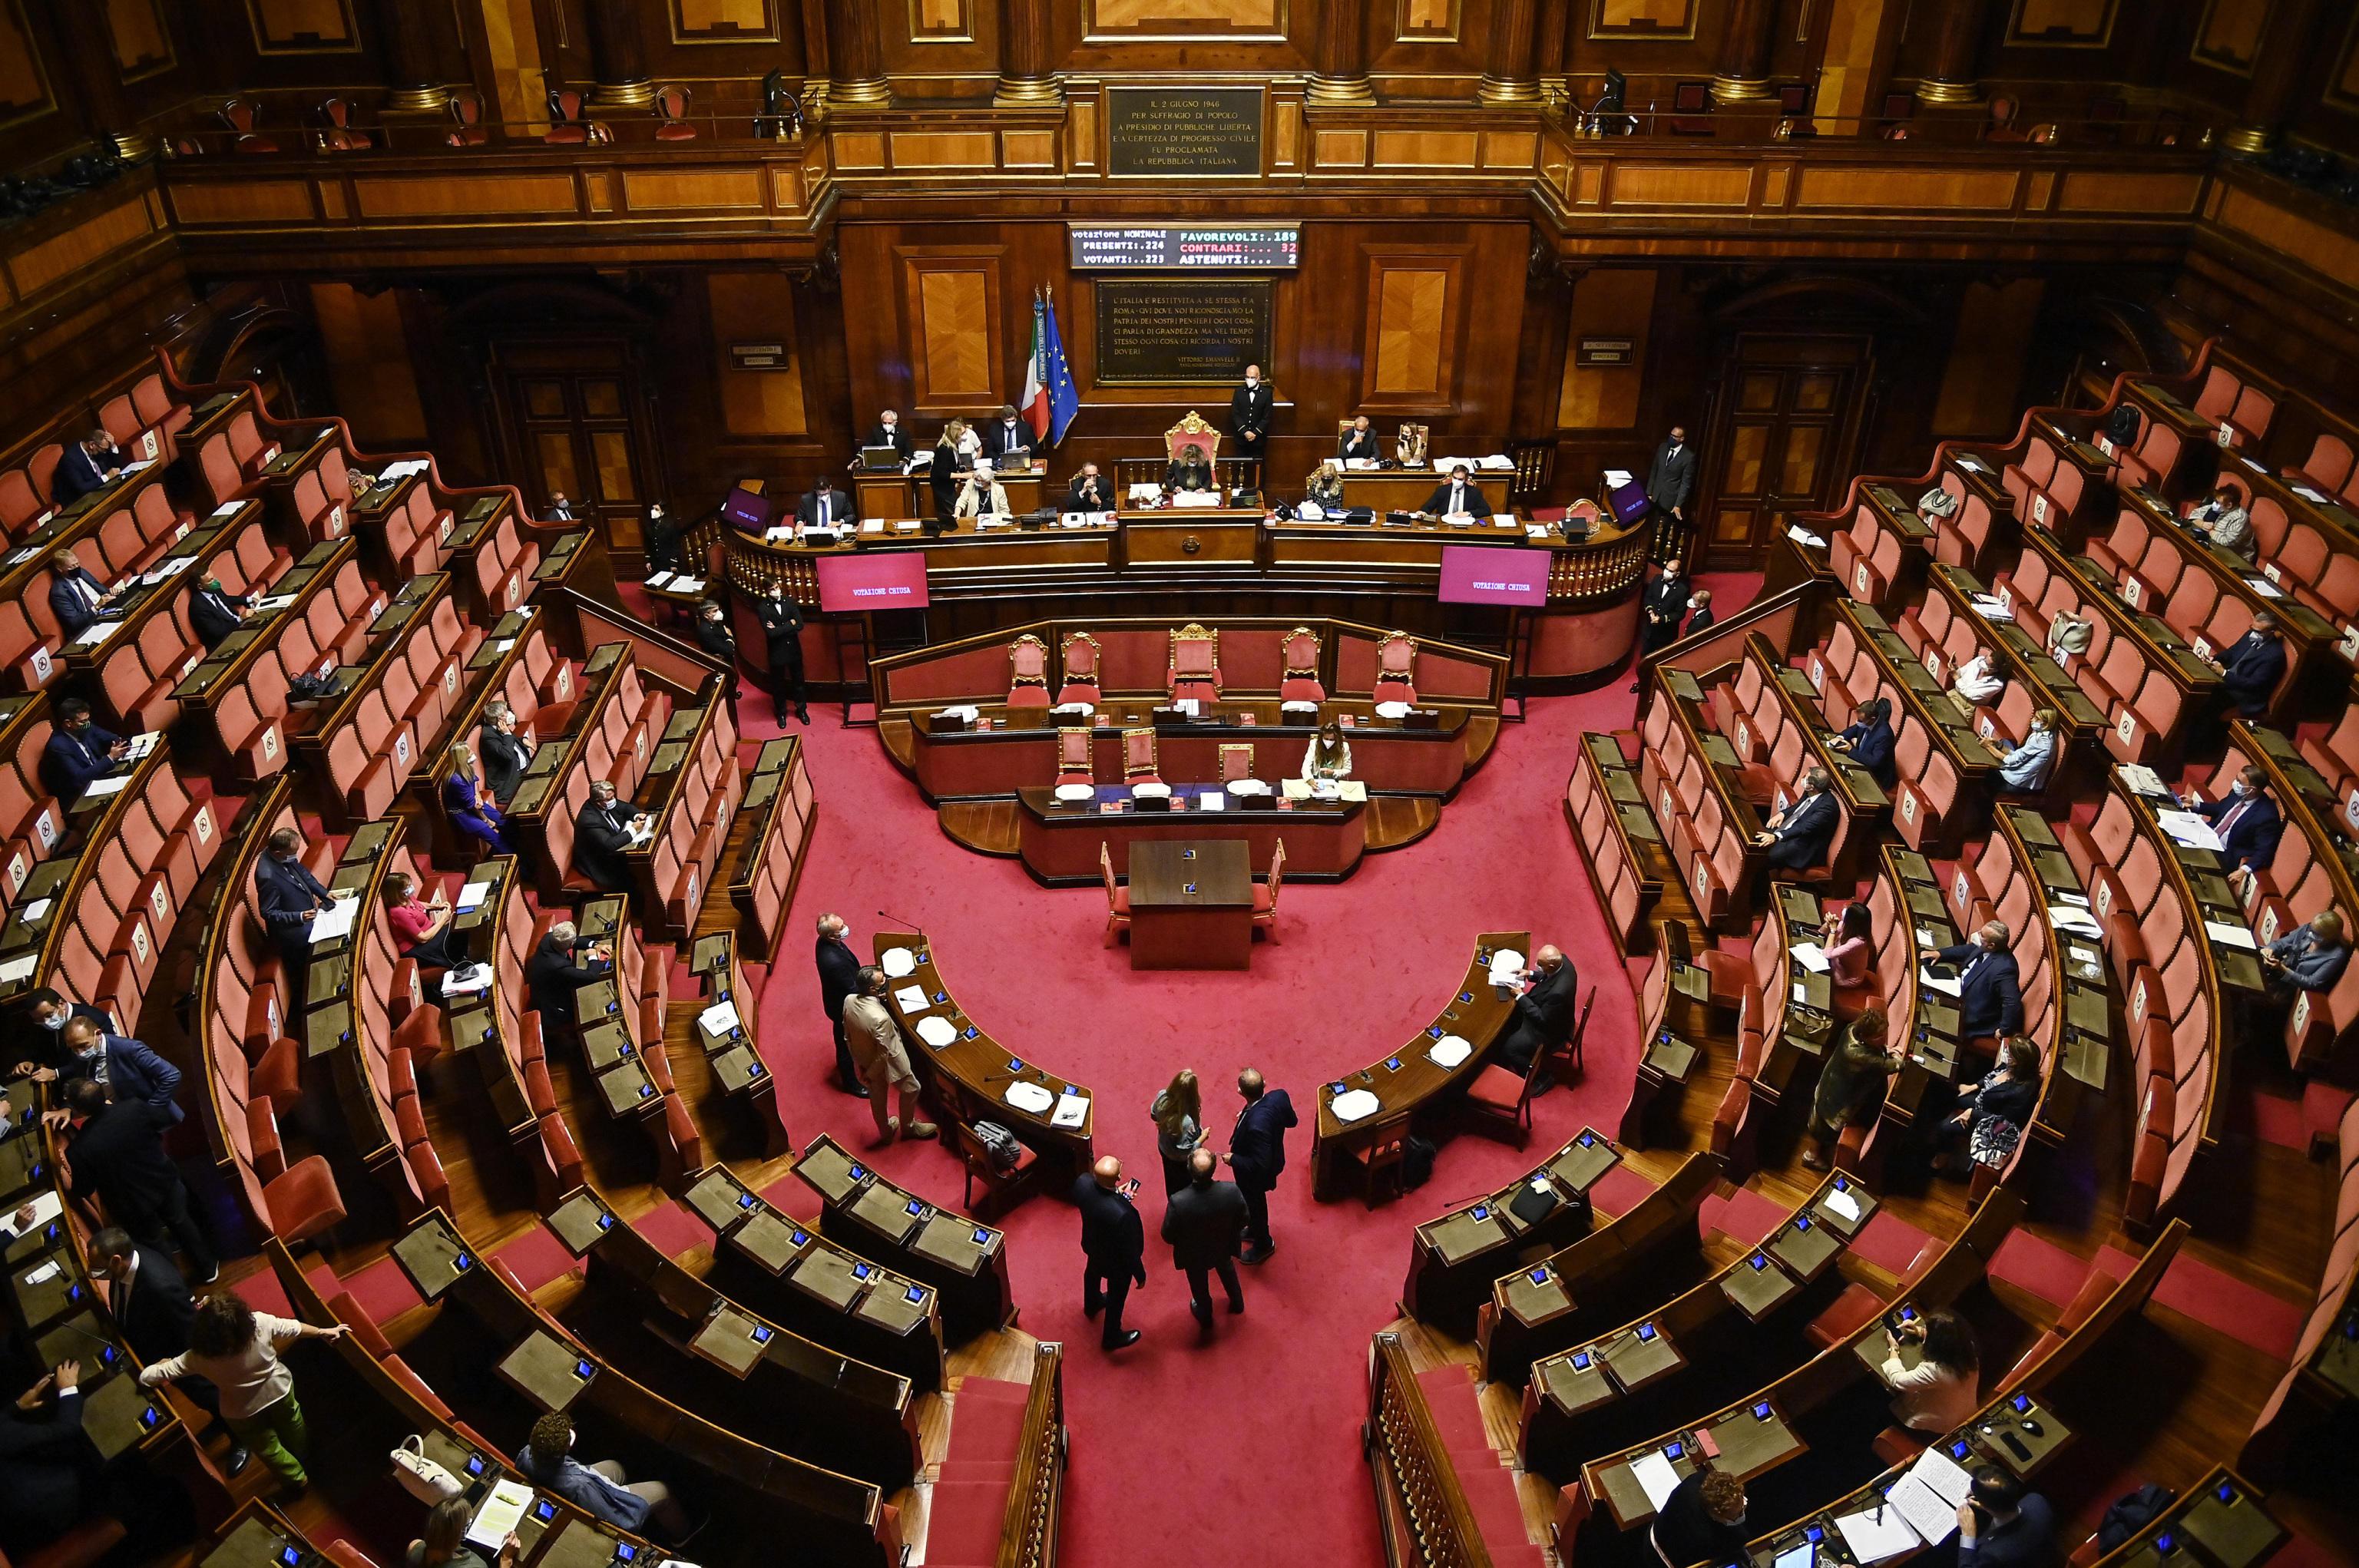 Senato, i 18enni potranno votare: scaduti i termini per il referendum. D'Incà: «I giovani se lo meritano» – Il video